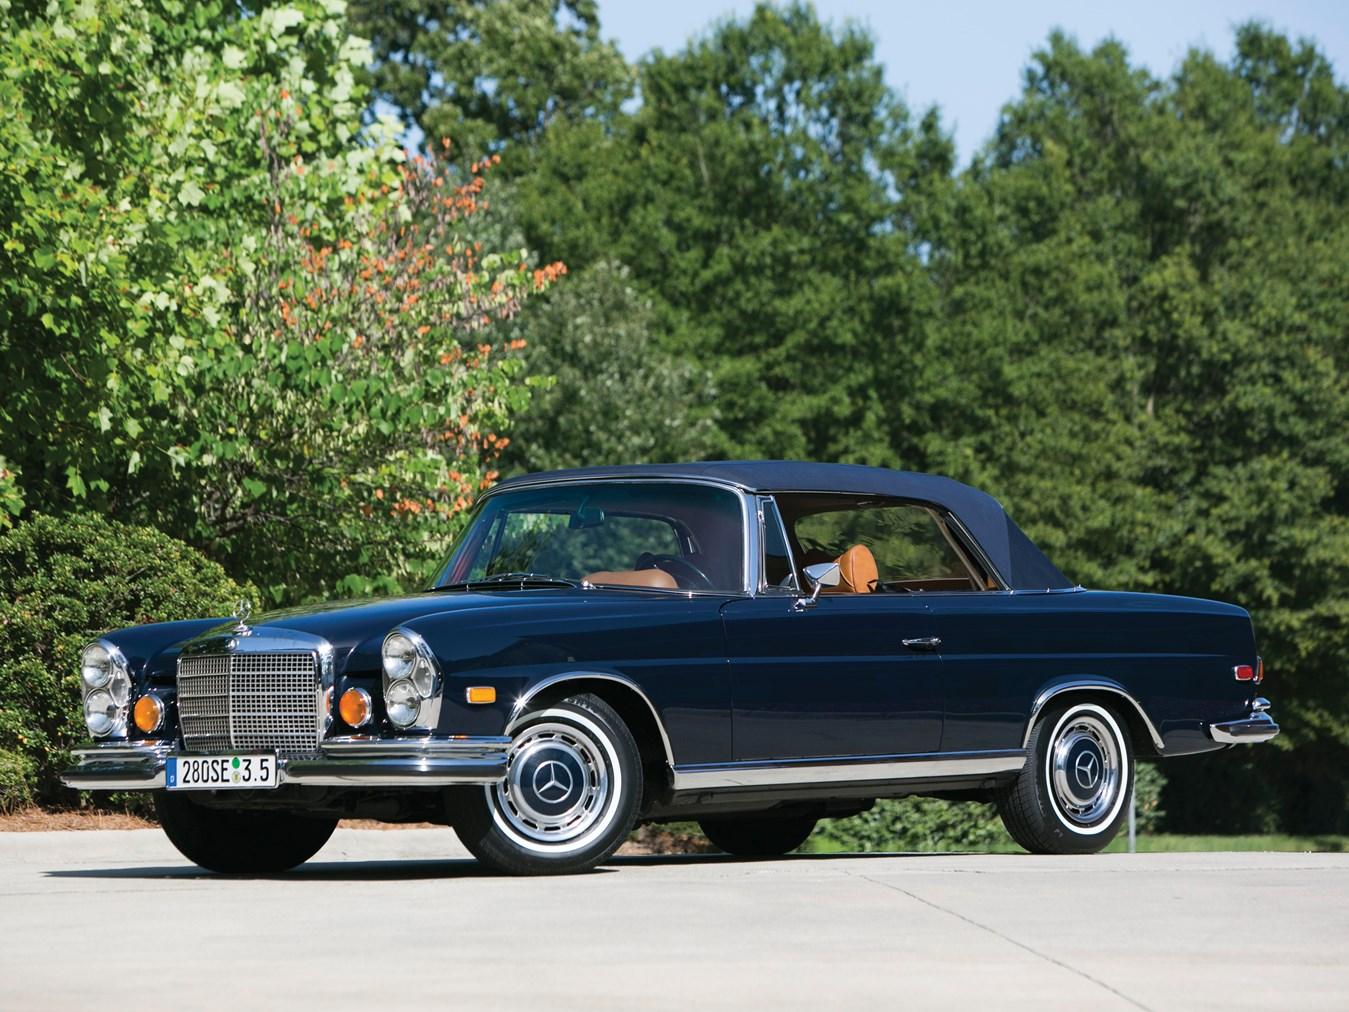 rm sotheby 39 s 1971 mercedes benz 280 se 3 5 cabriolet. Black Bedroom Furniture Sets. Home Design Ideas